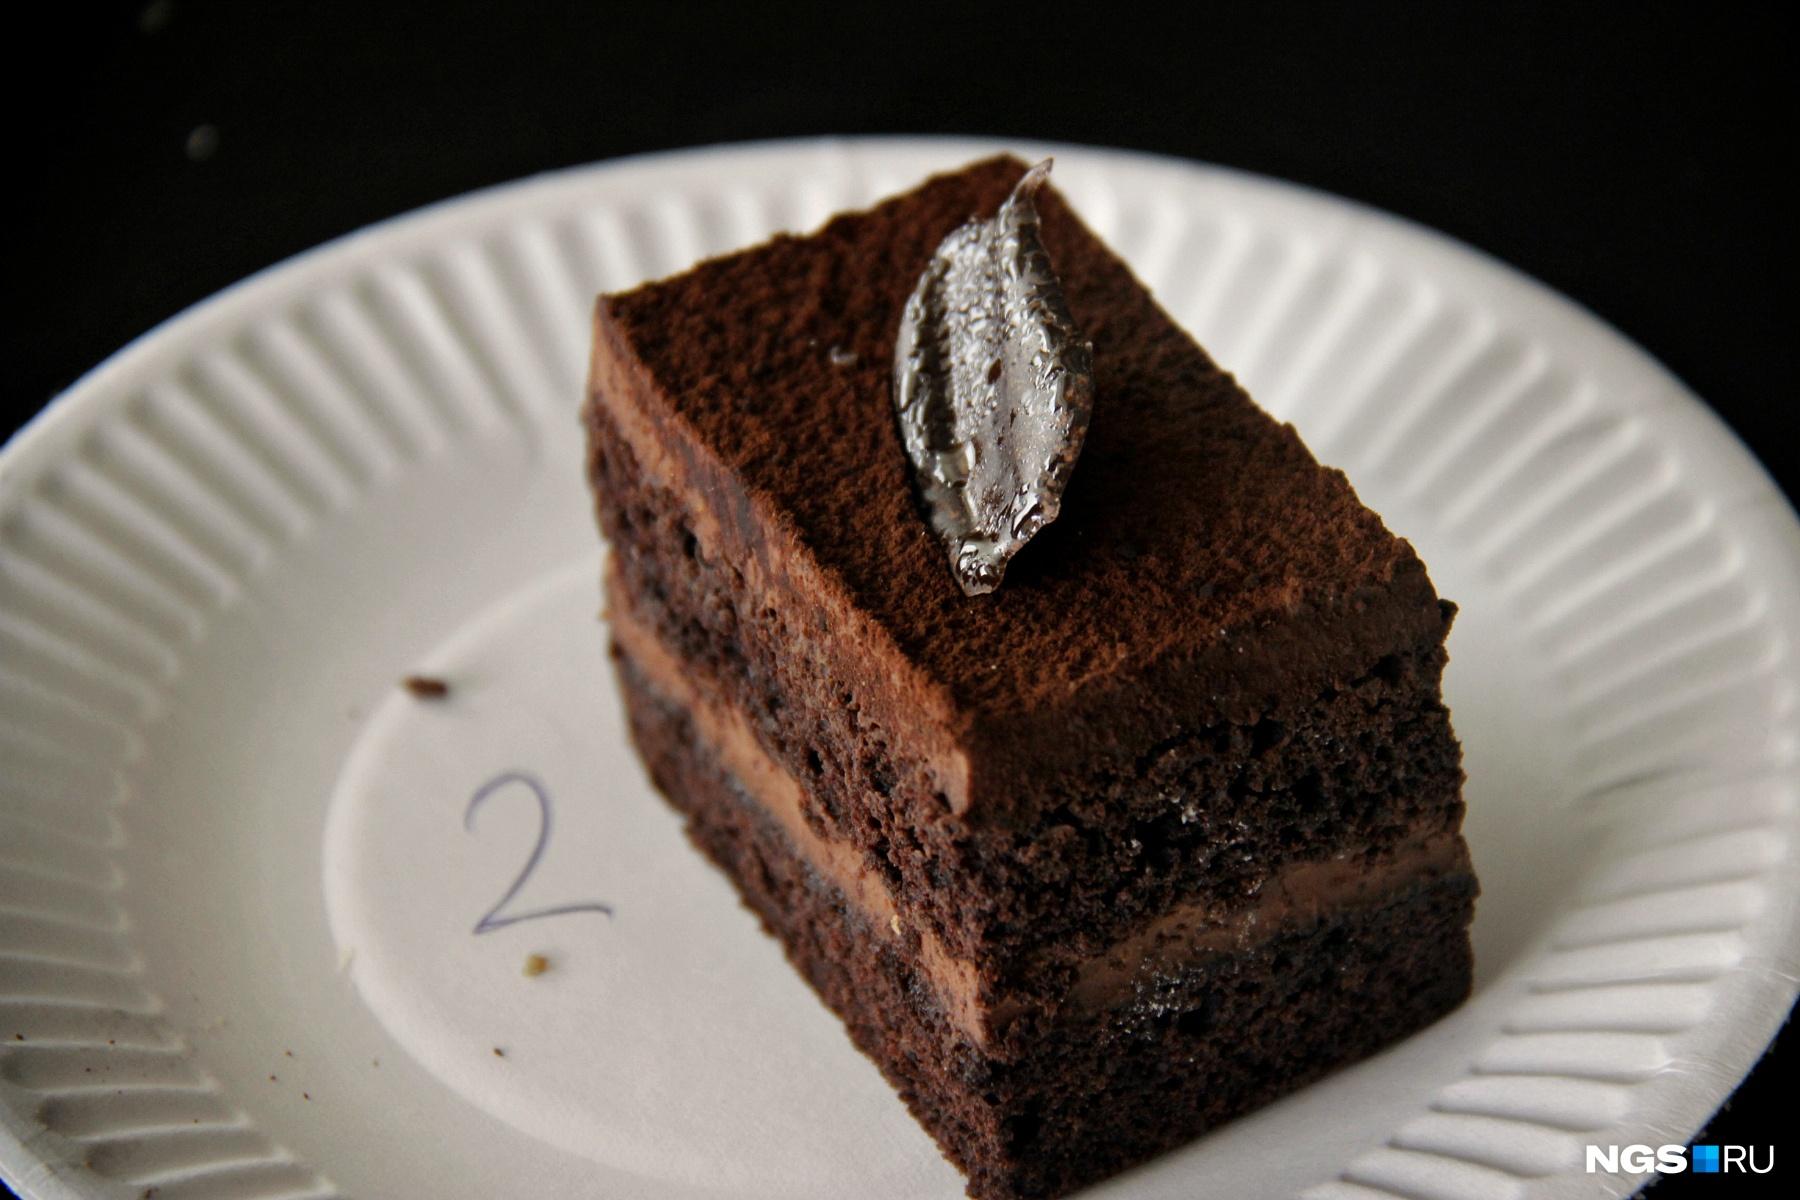 Бельгийский шоколад из «Кузины» за 105 рублей